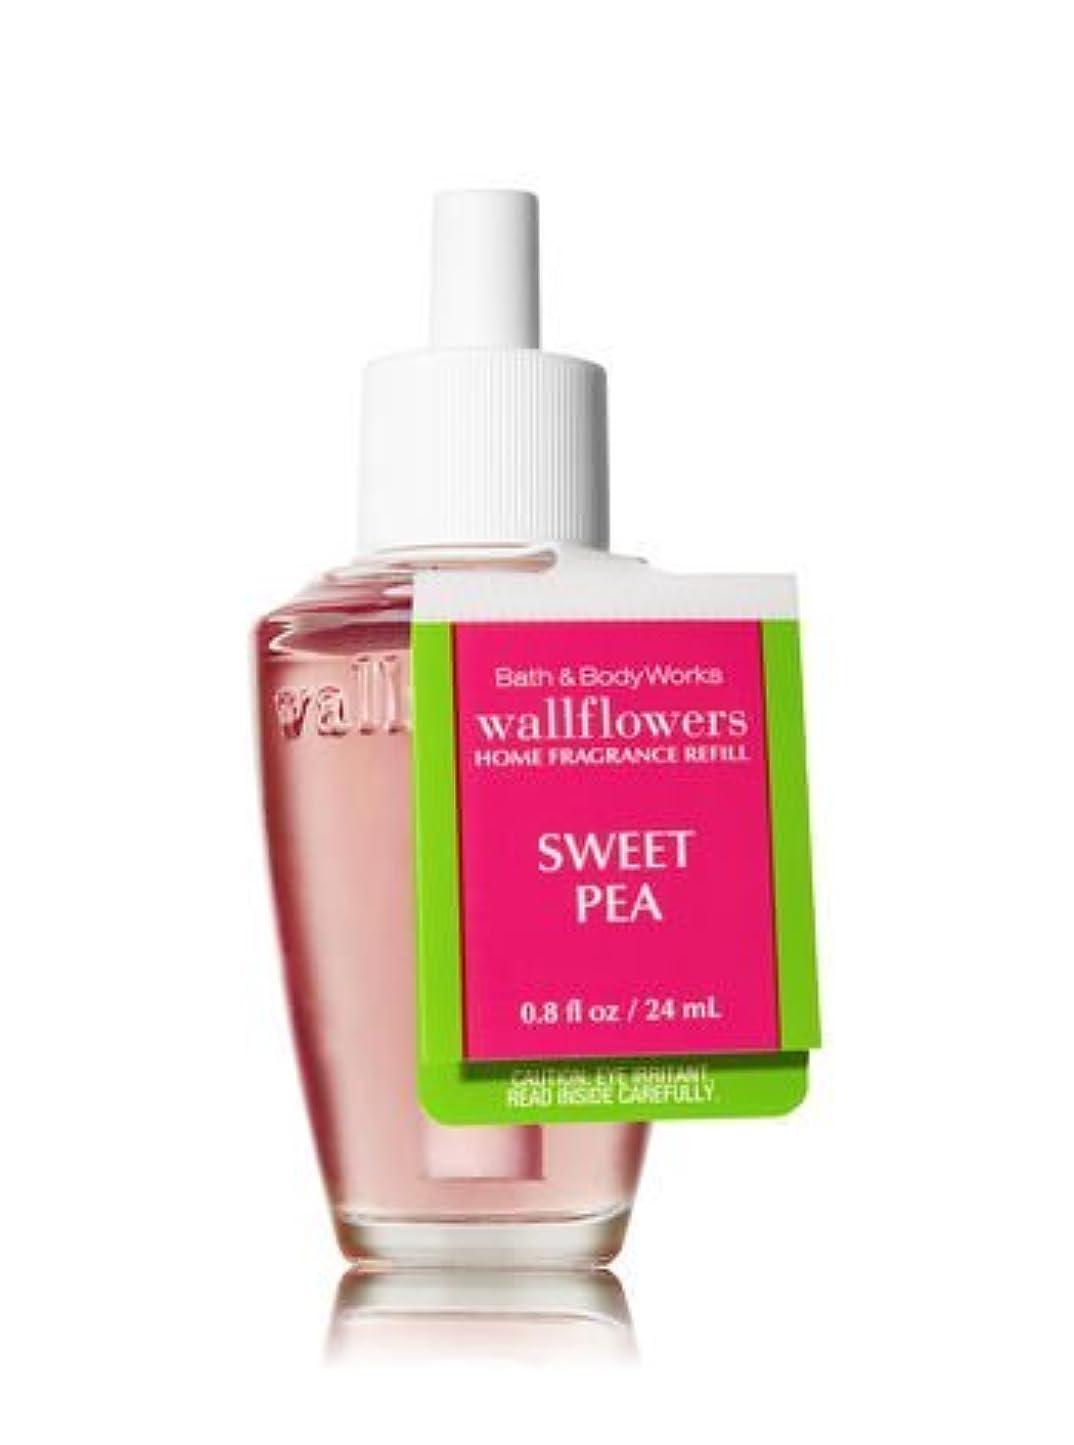 感謝コンサート連続した【Bath&Body Works/バス&ボディワークス】 ルームフレグランス 詰替えリフィル スイートピー Wallflowers Home Fragrance Refill Sweet Pea [並行輸入品]